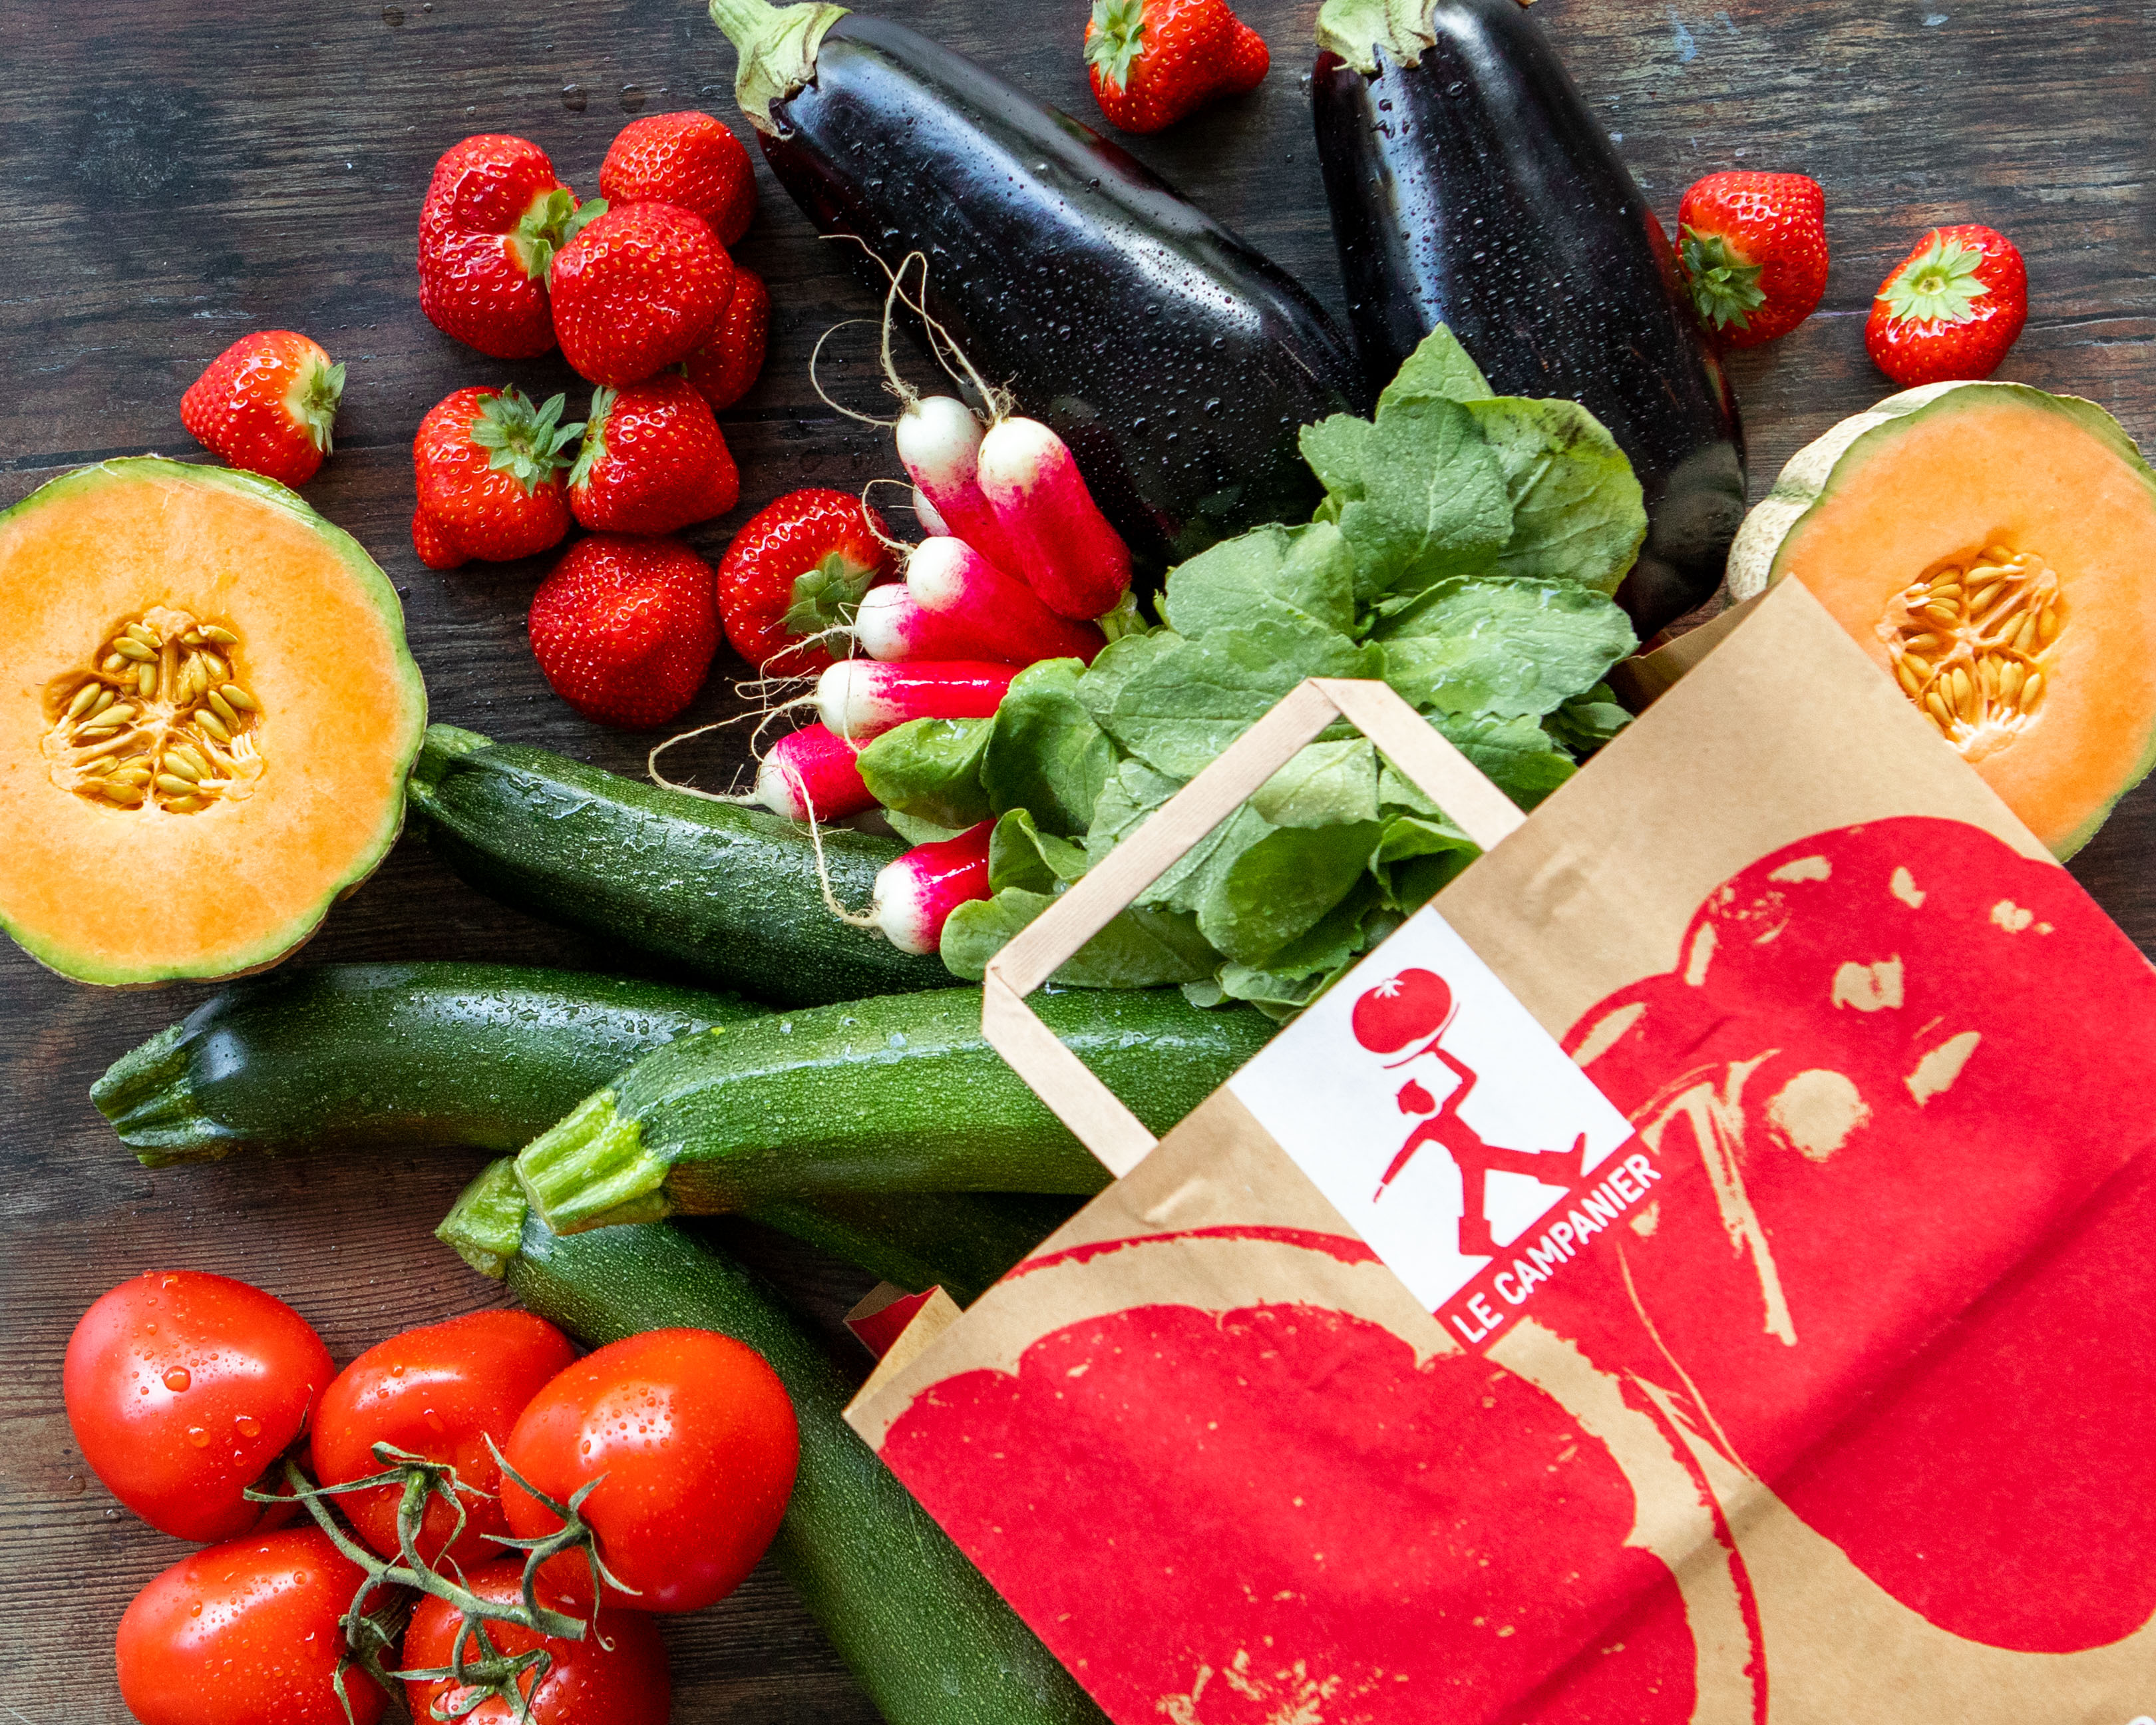 panier de fruits et légumes bio : radis, fraises,aubergines, courgettes, tomates, melon